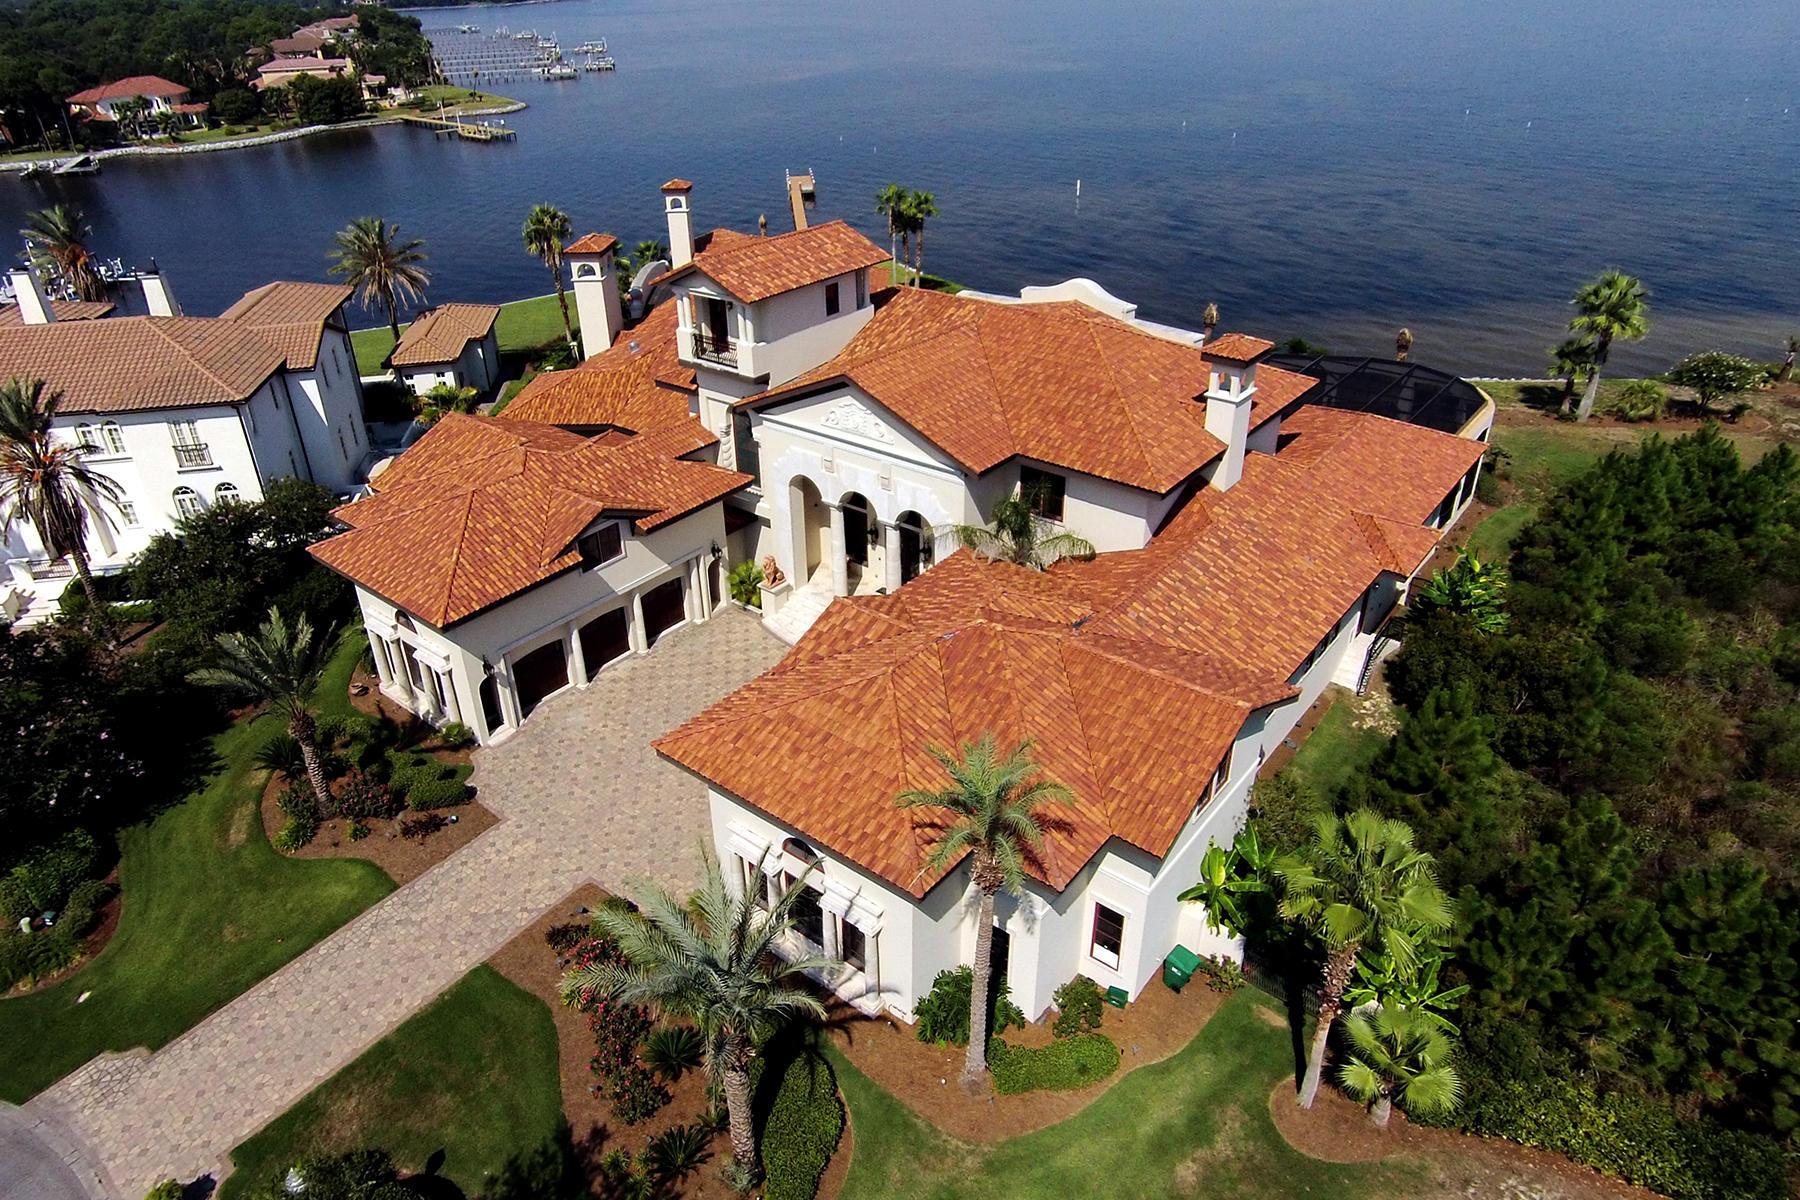 Casa Unifamiliar por un Venta en WATERFRONT GRANDEUR 4300 Breakwater Dr Destin, Florida 32541 Estados Unidos